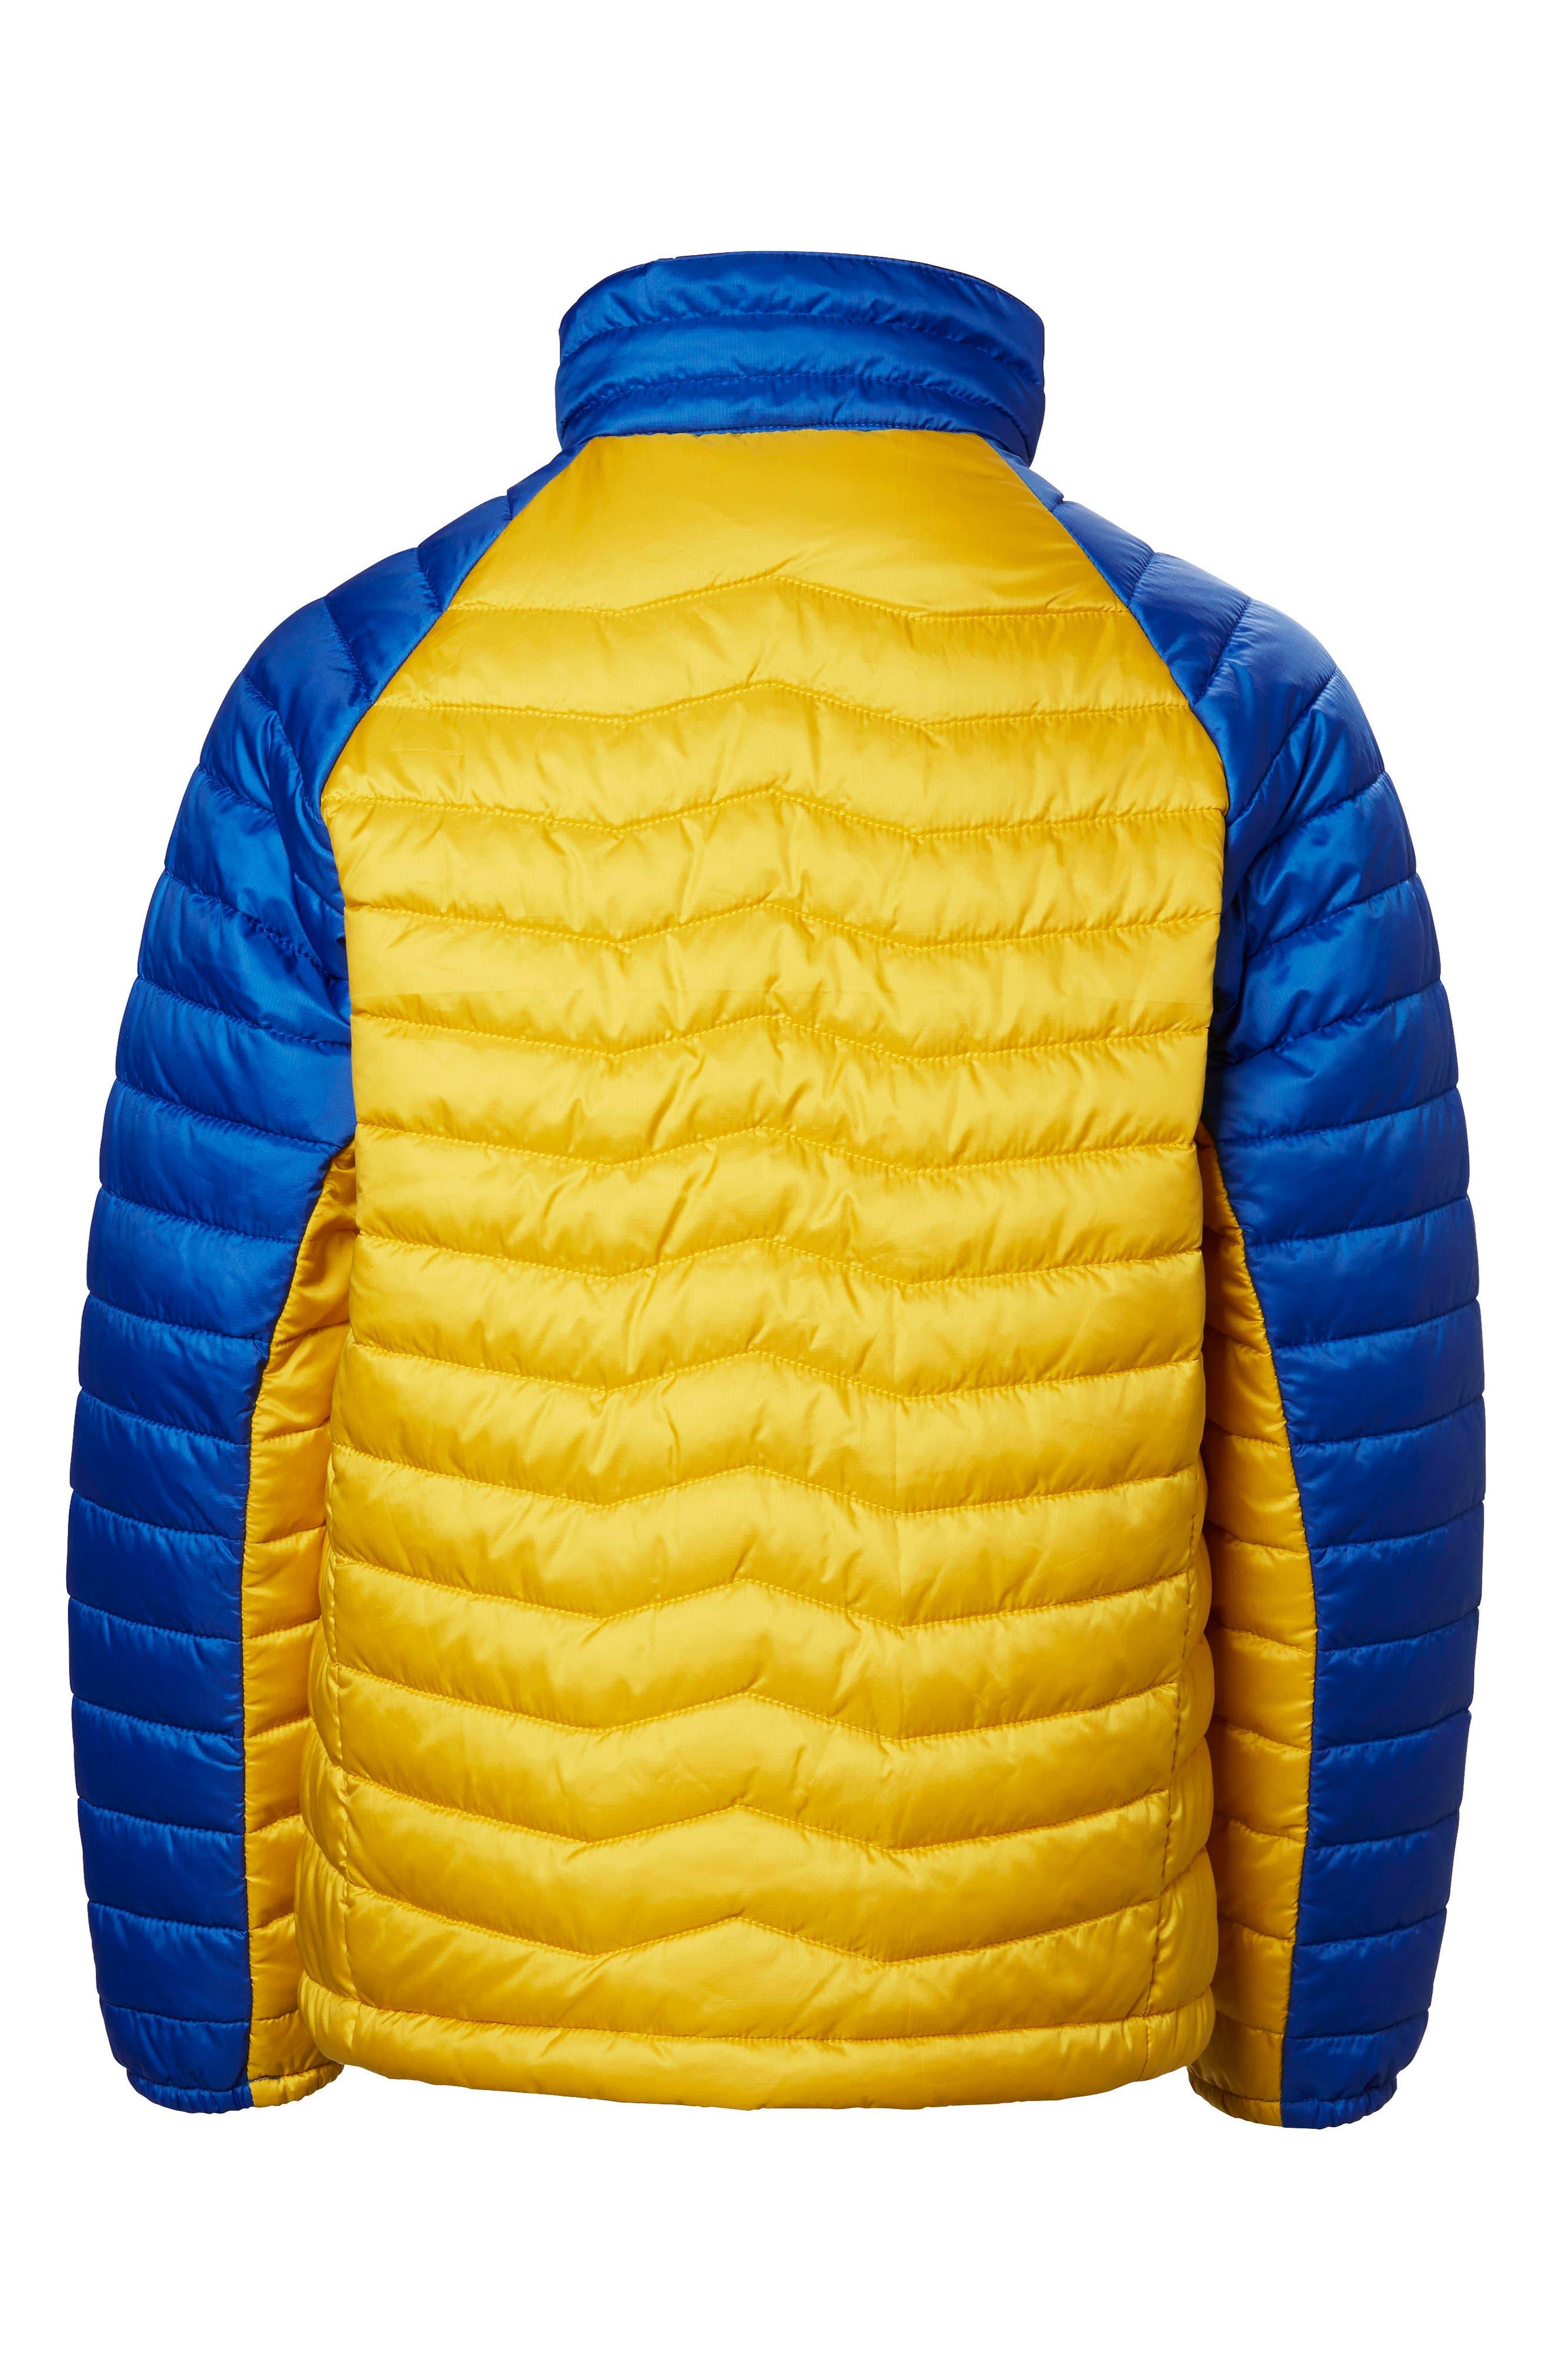 Alternate Image 2  - Helly Hansen Jr Juell Insulator Water Repellent Jacket (Big Boys)